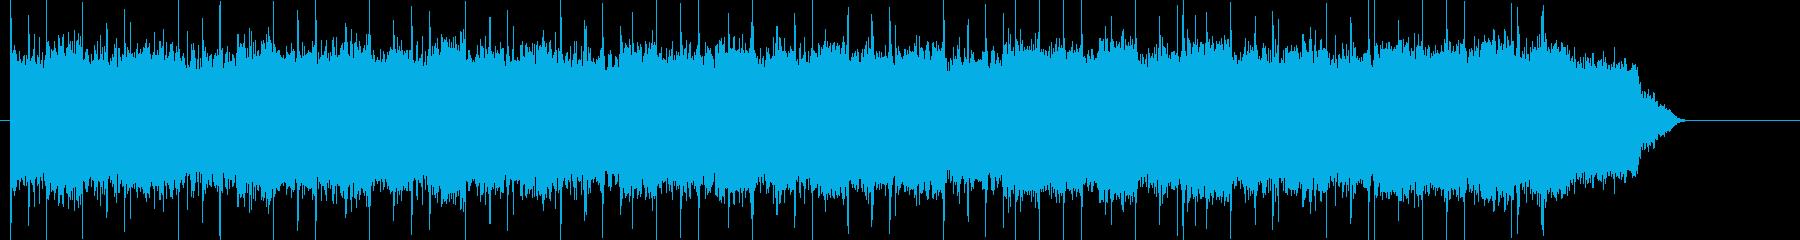 リザルト画面等に使える神聖なポップの再生済みの波形